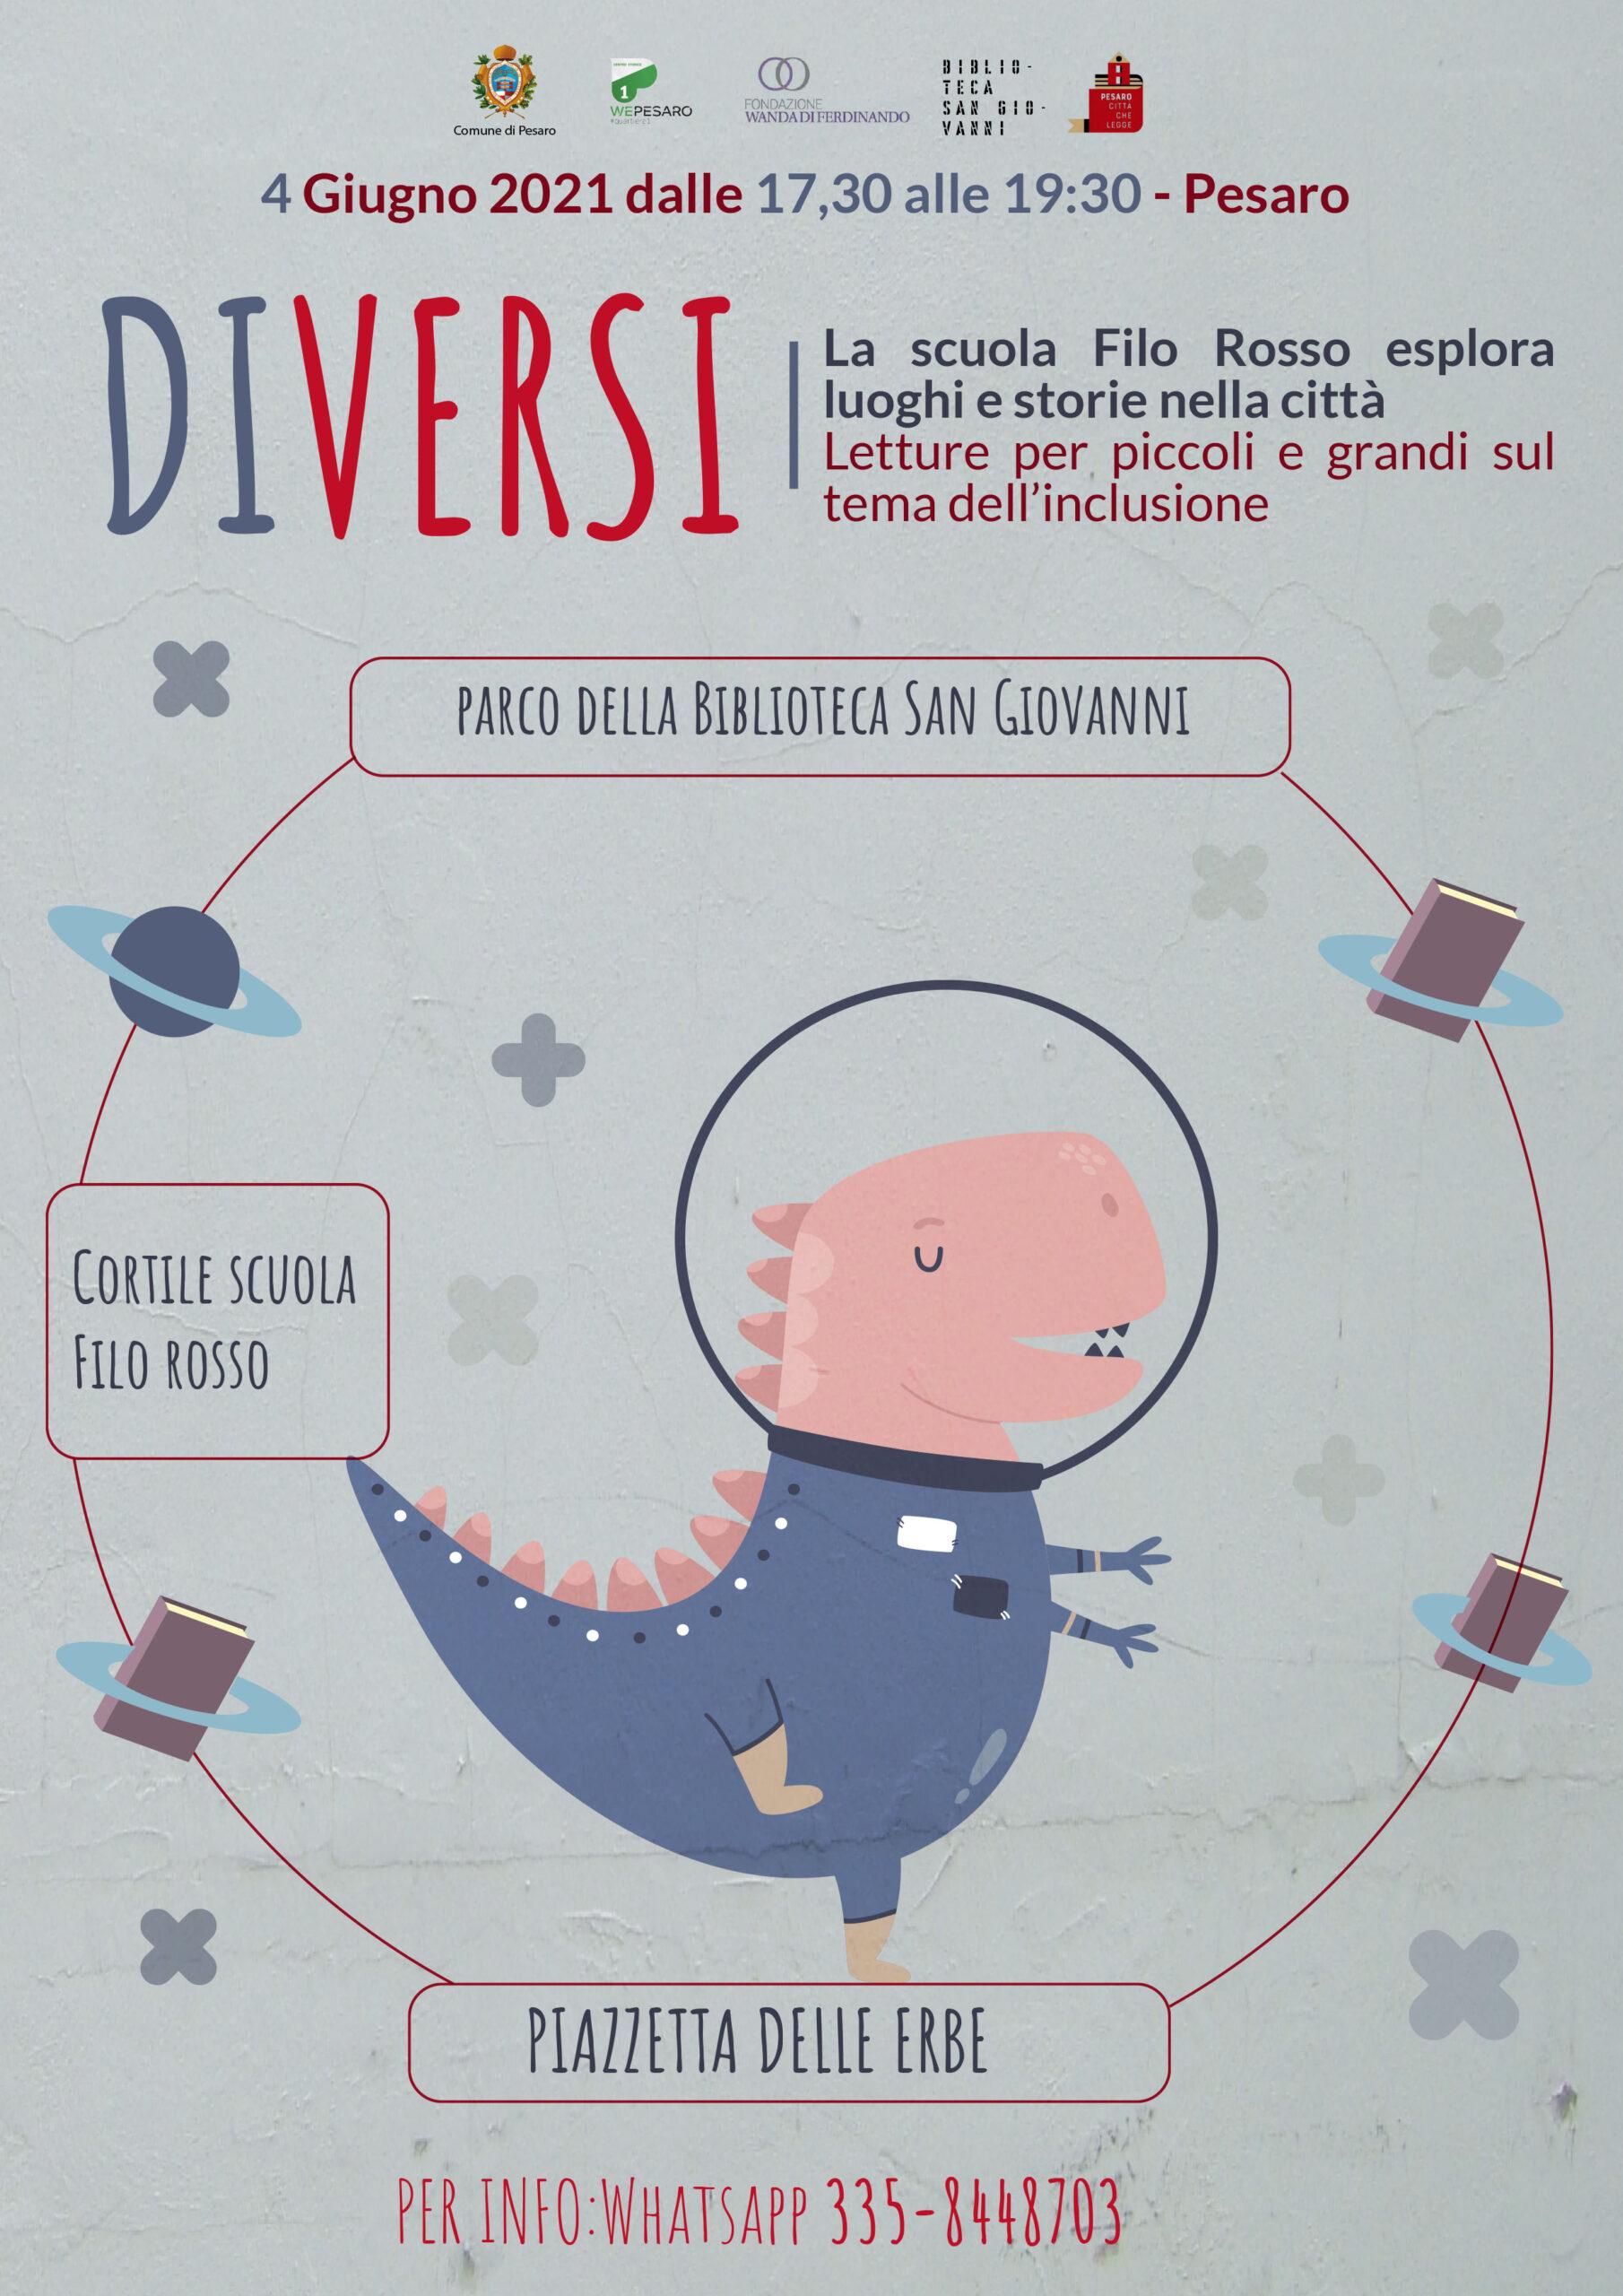 DIVERSI – Letture sull'inclusione in giro per la città di Pesaro